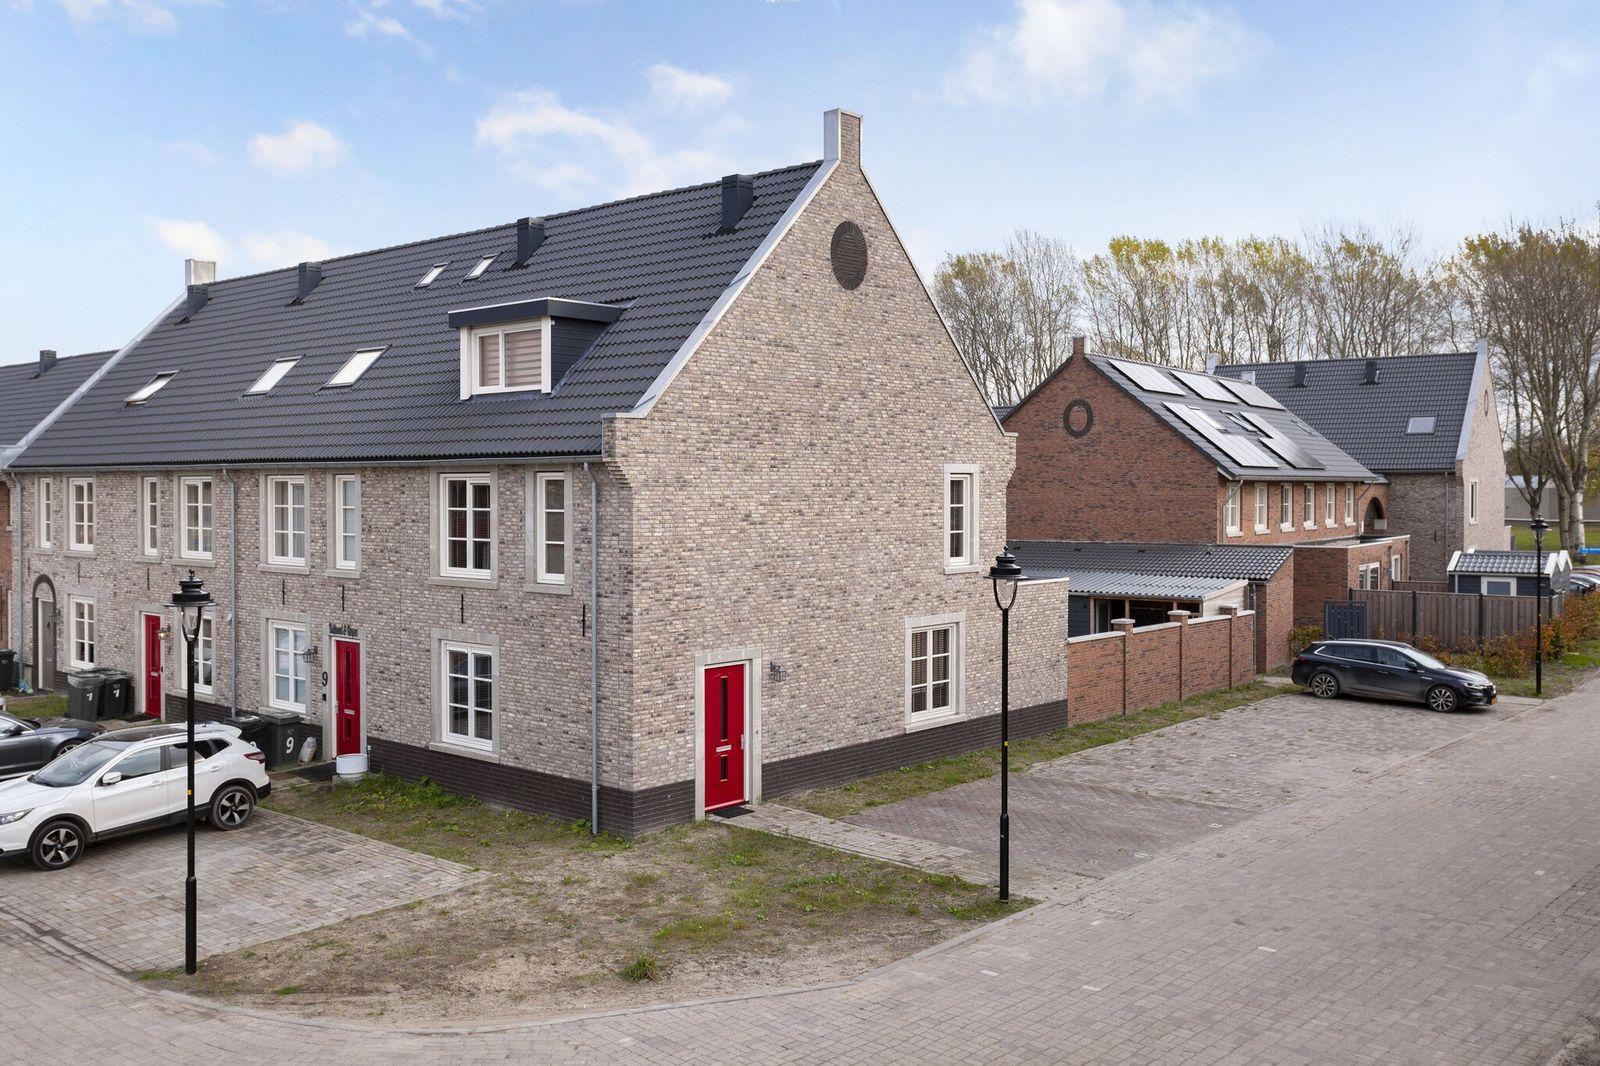 James Chadwickstraat 11, Almere